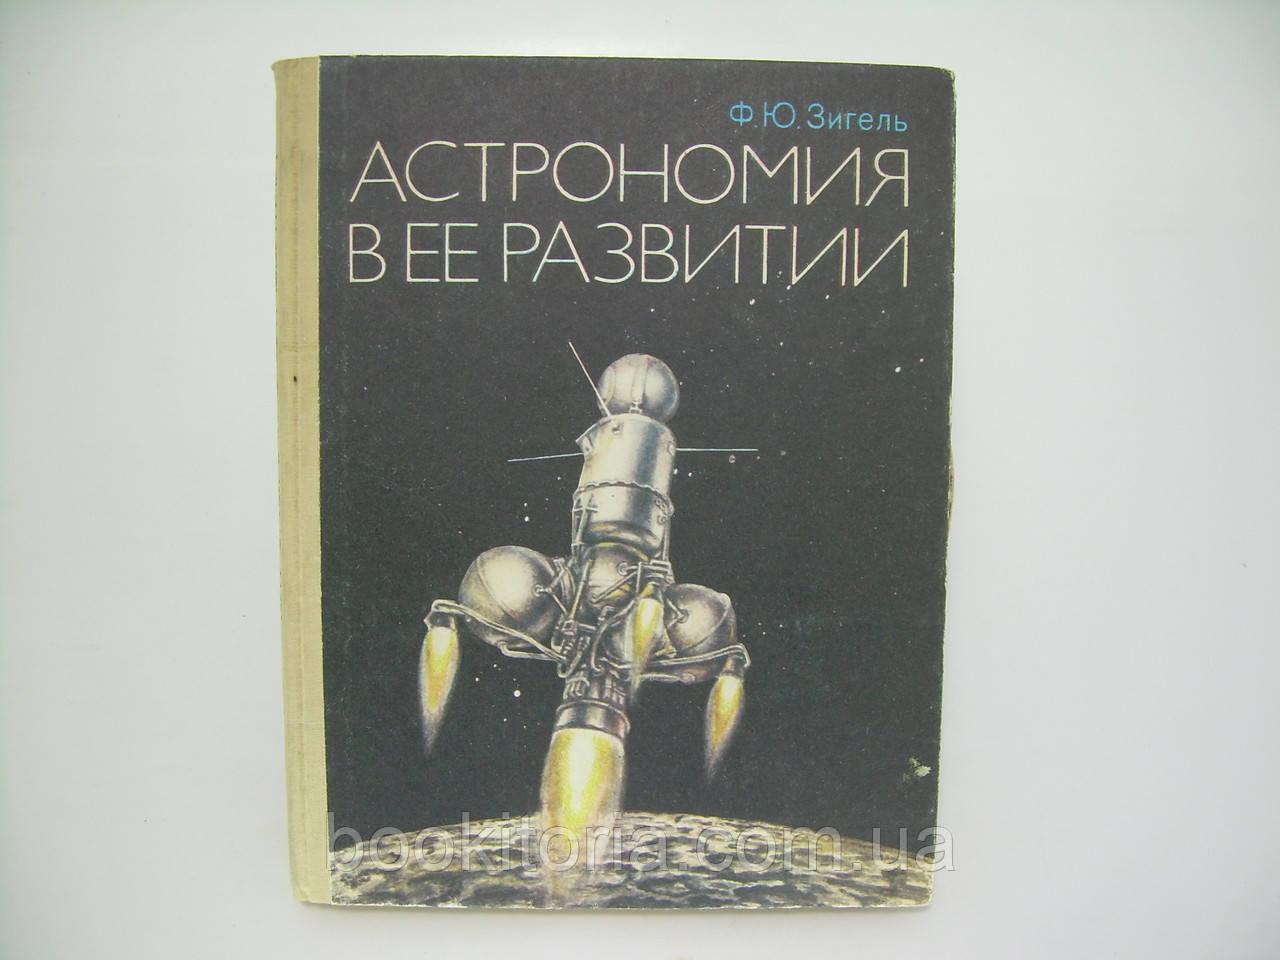 Зигель Ю.Ф. Астрономия в ее развитии (б/у).